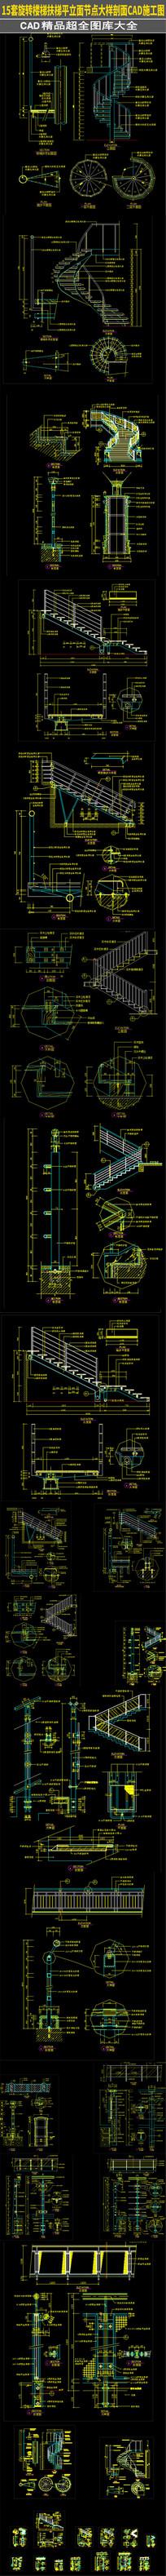 15款常用楼梯和栏杆详细施工图